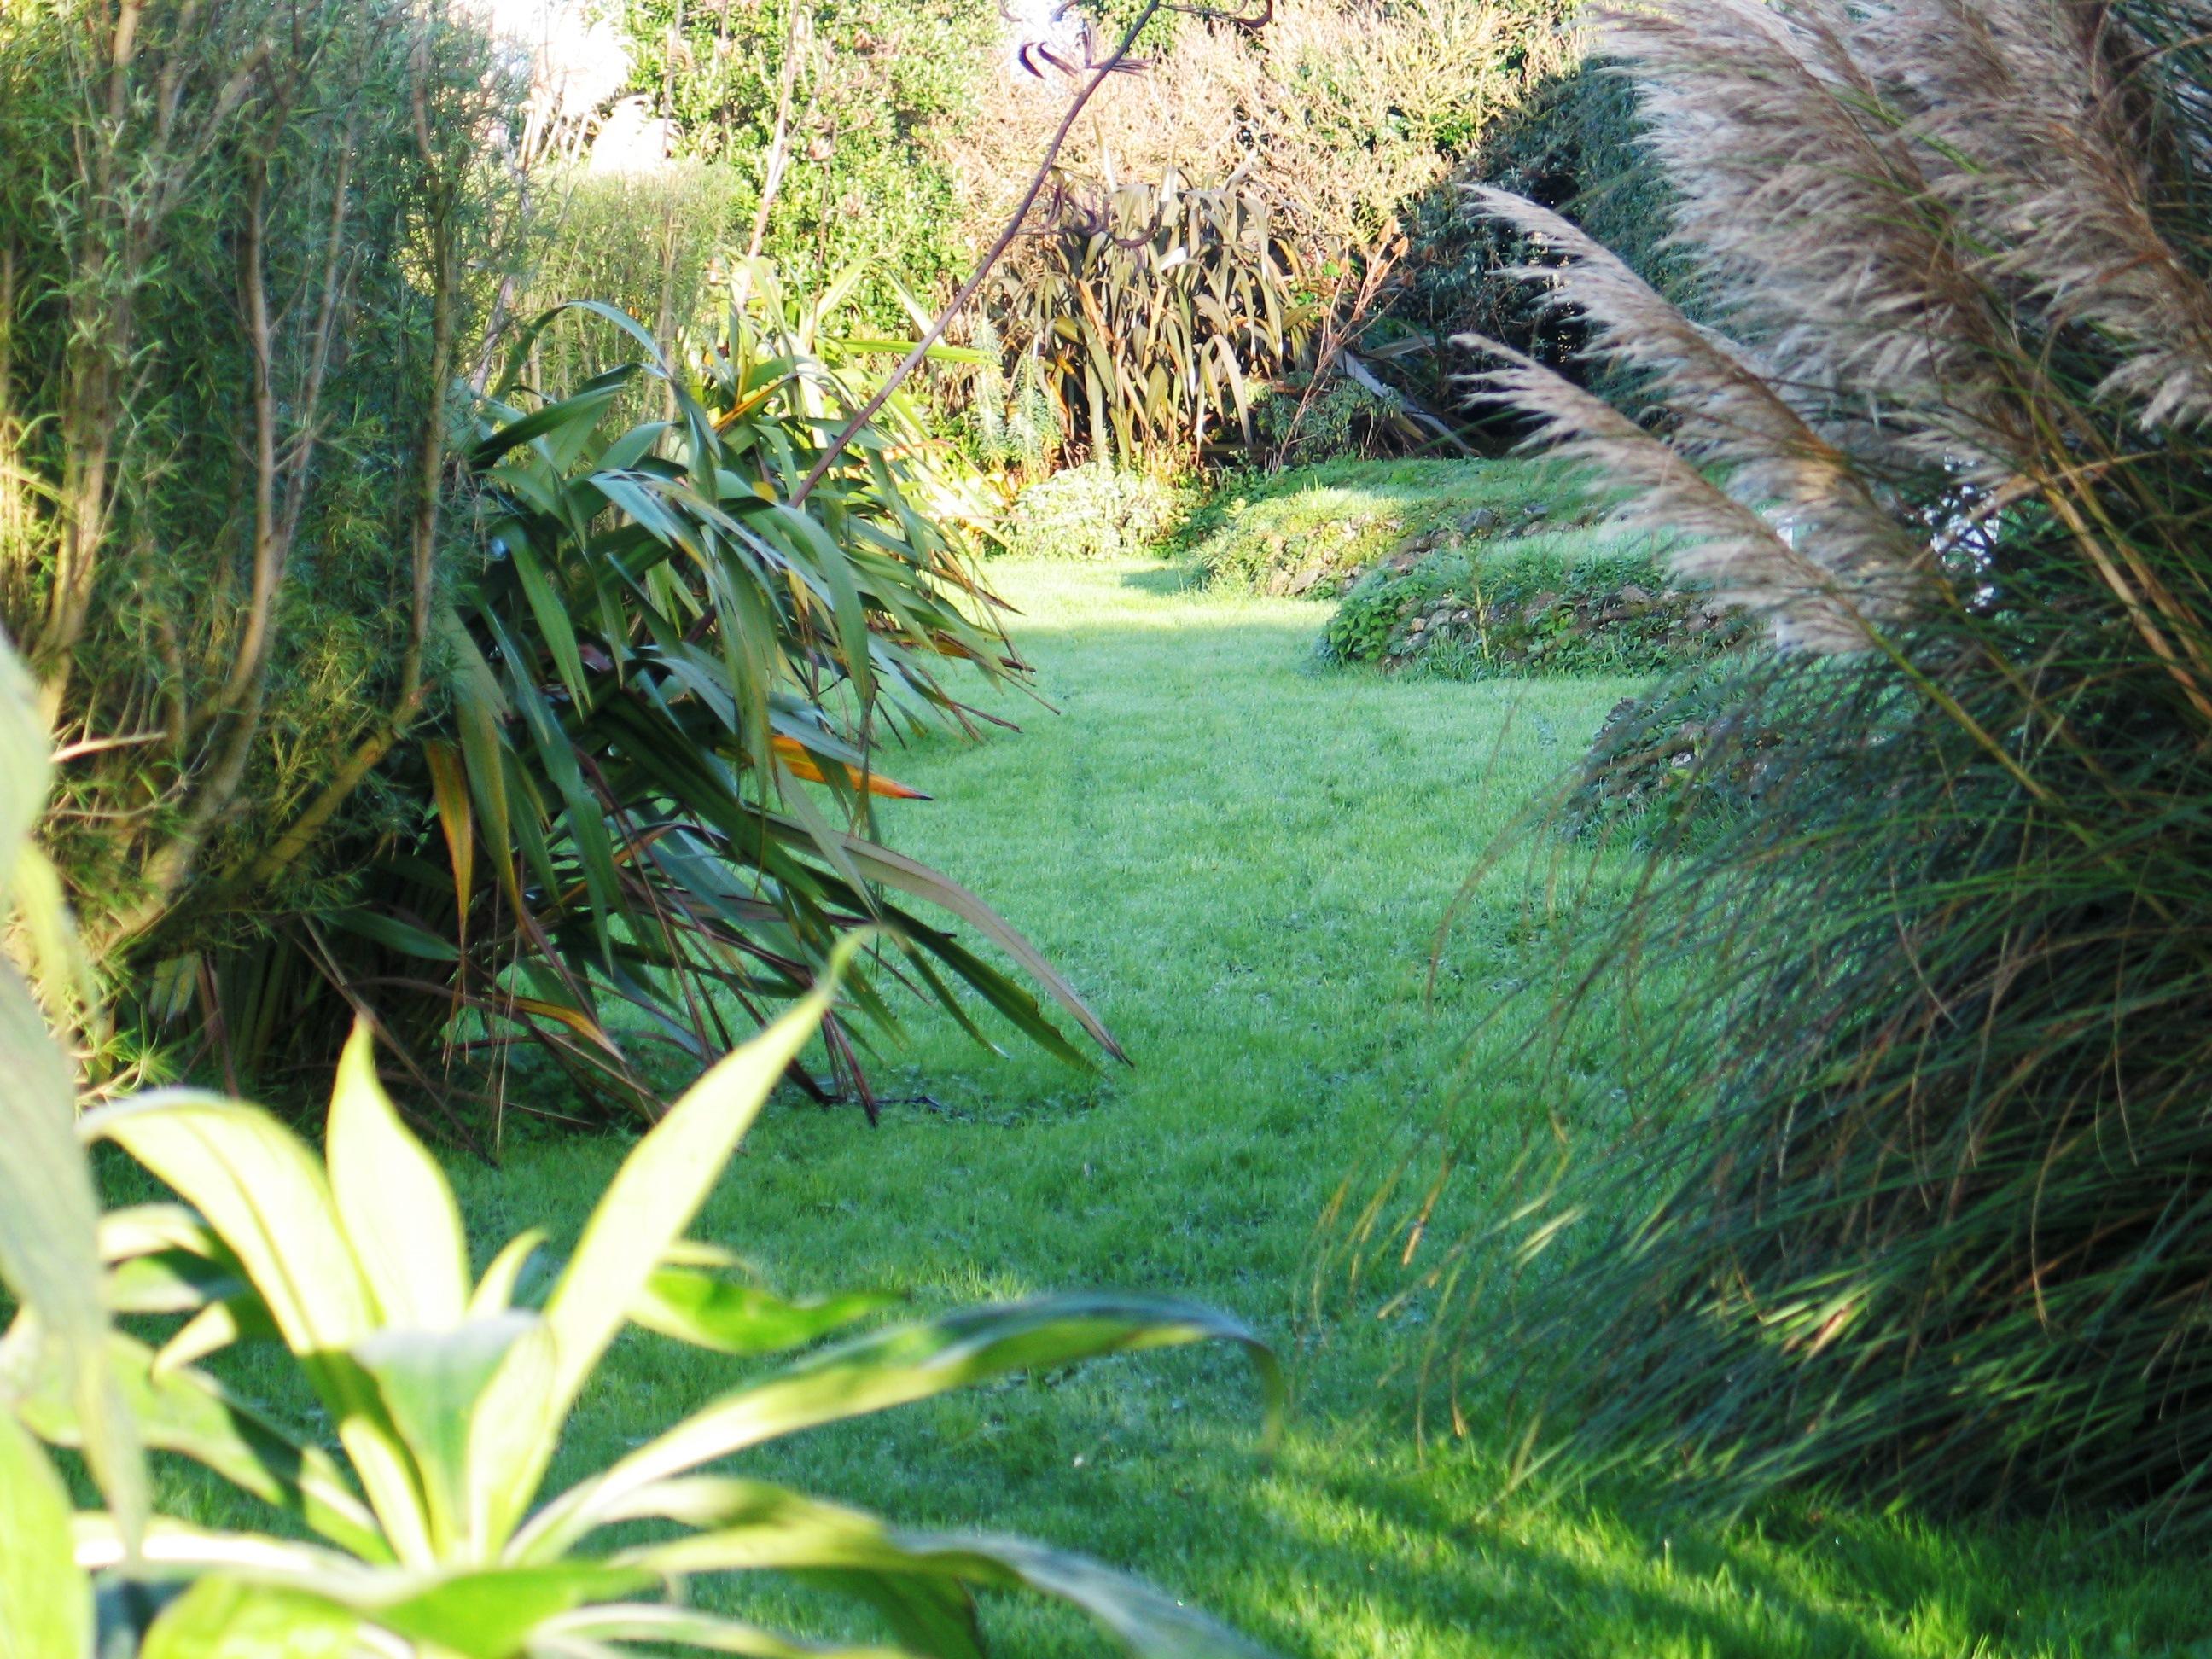 Ednovean Farm's garden in November